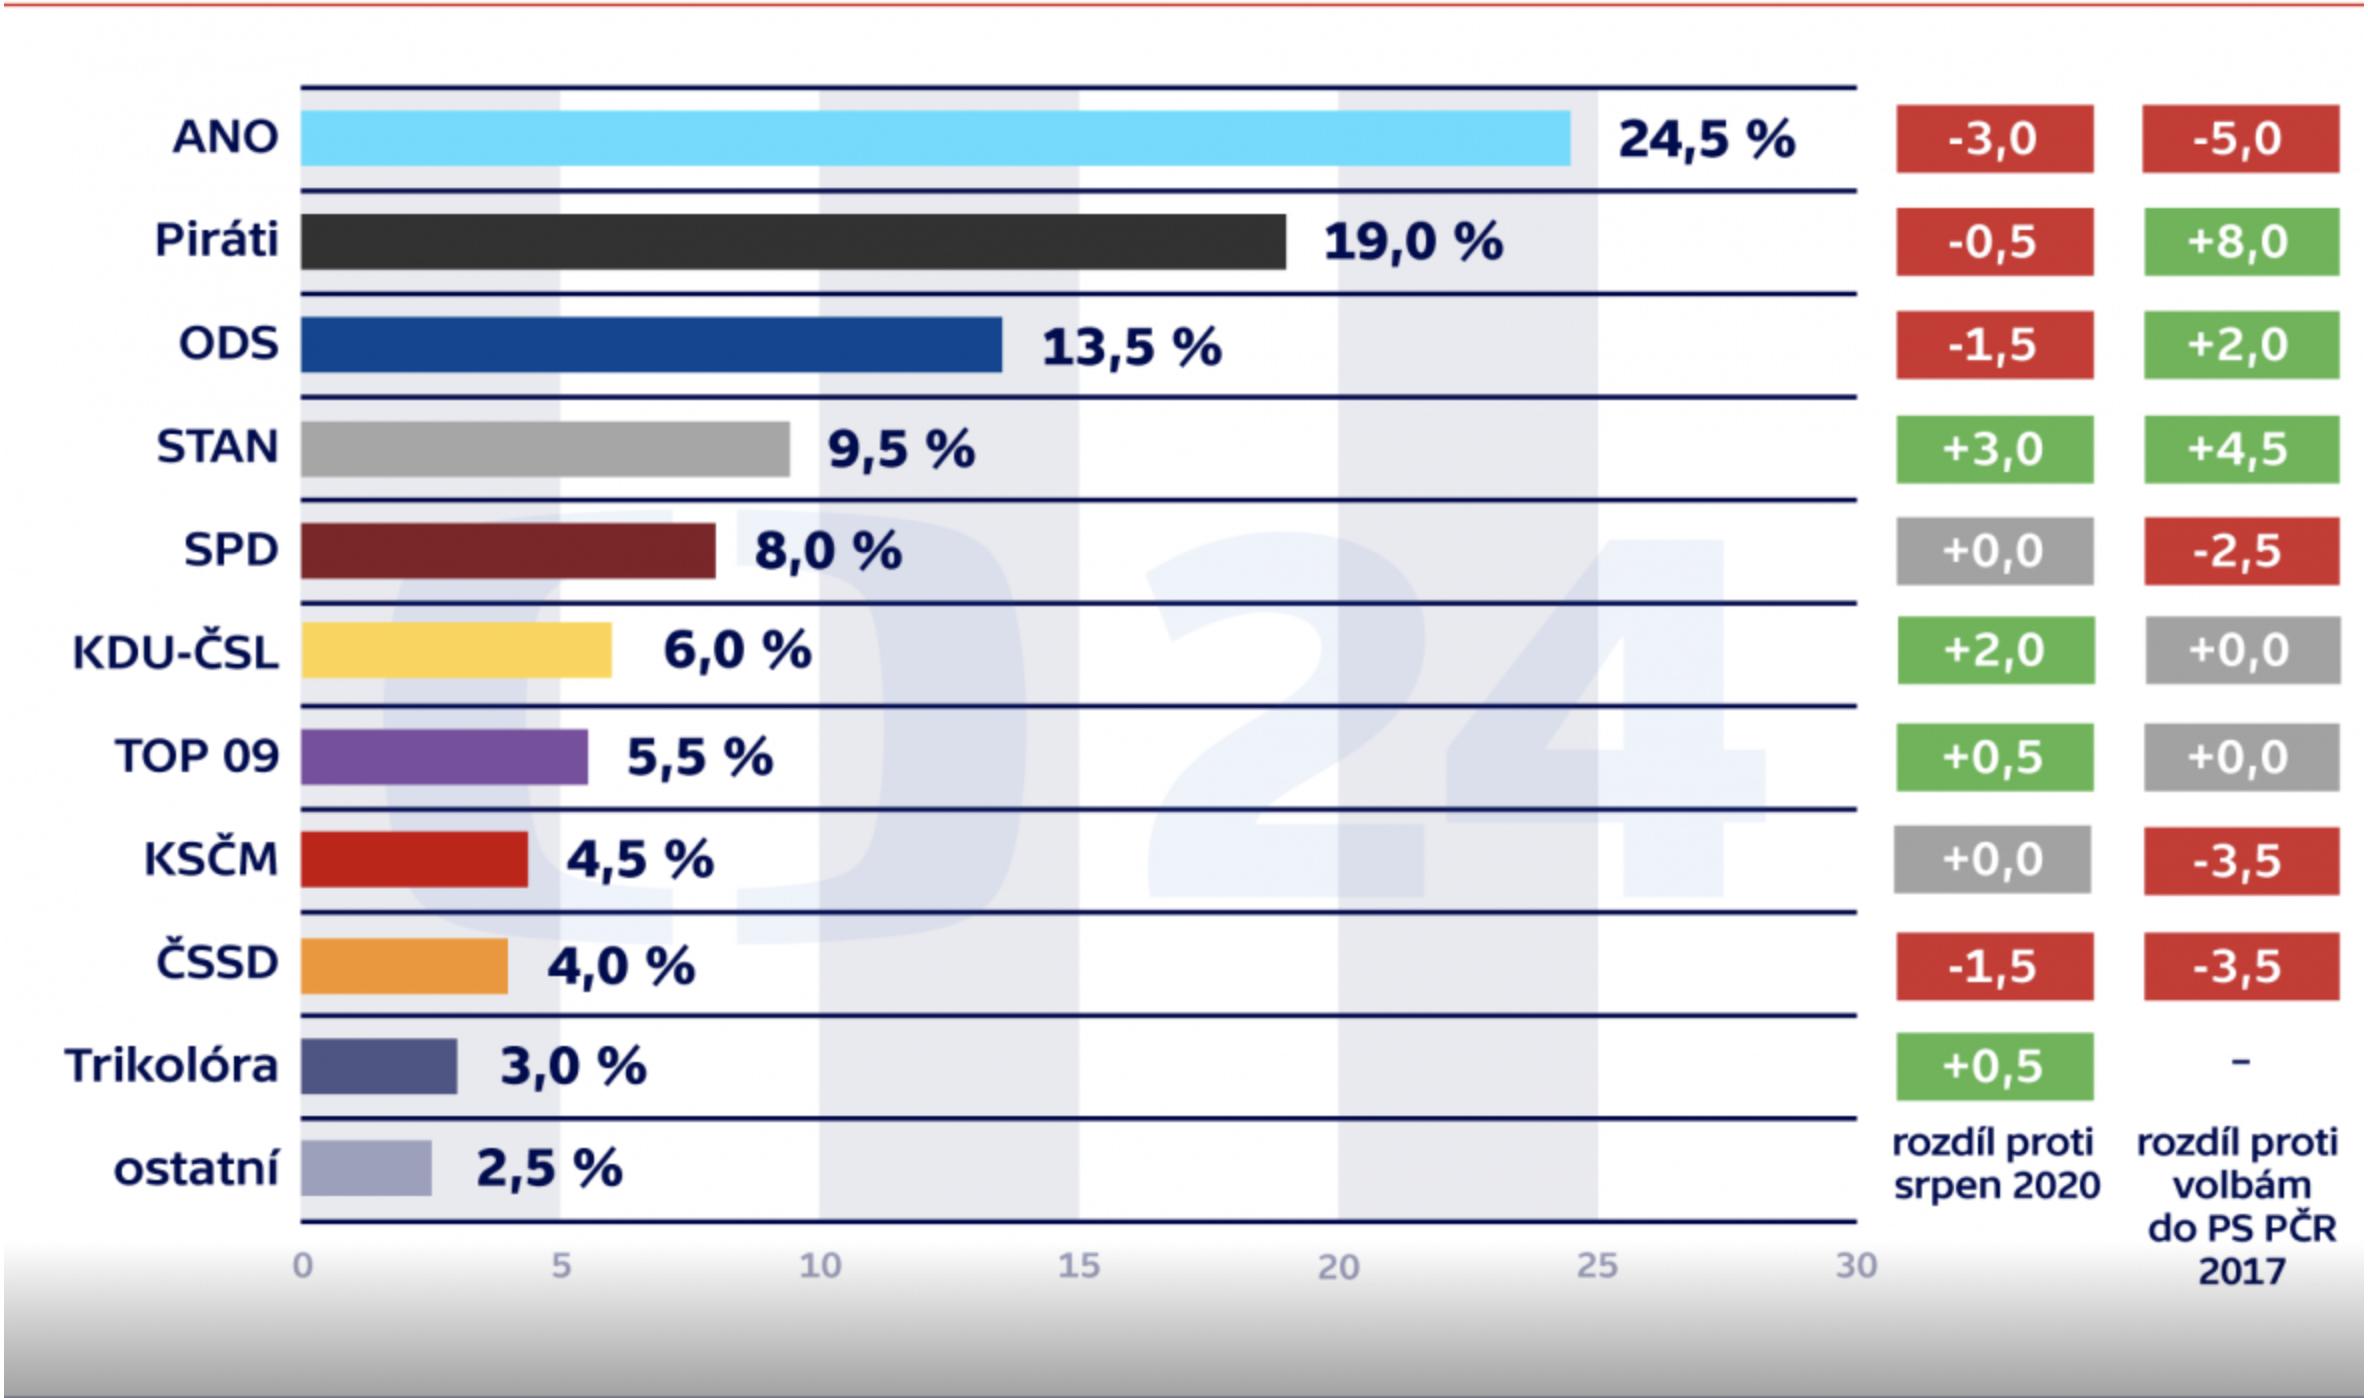 A Kantar közvéleménykutató intézet szeptemberi felmérését a cseh köztelevízió rendelte meg. Az első jobboldali oszlop az előző havi eredményekhez, a második jobboldali oszlop a 2017-es országgyűlési választáson elért eredményekhez képest bekövetkezett változást mutatja. Kép forrása: ct24.cz.